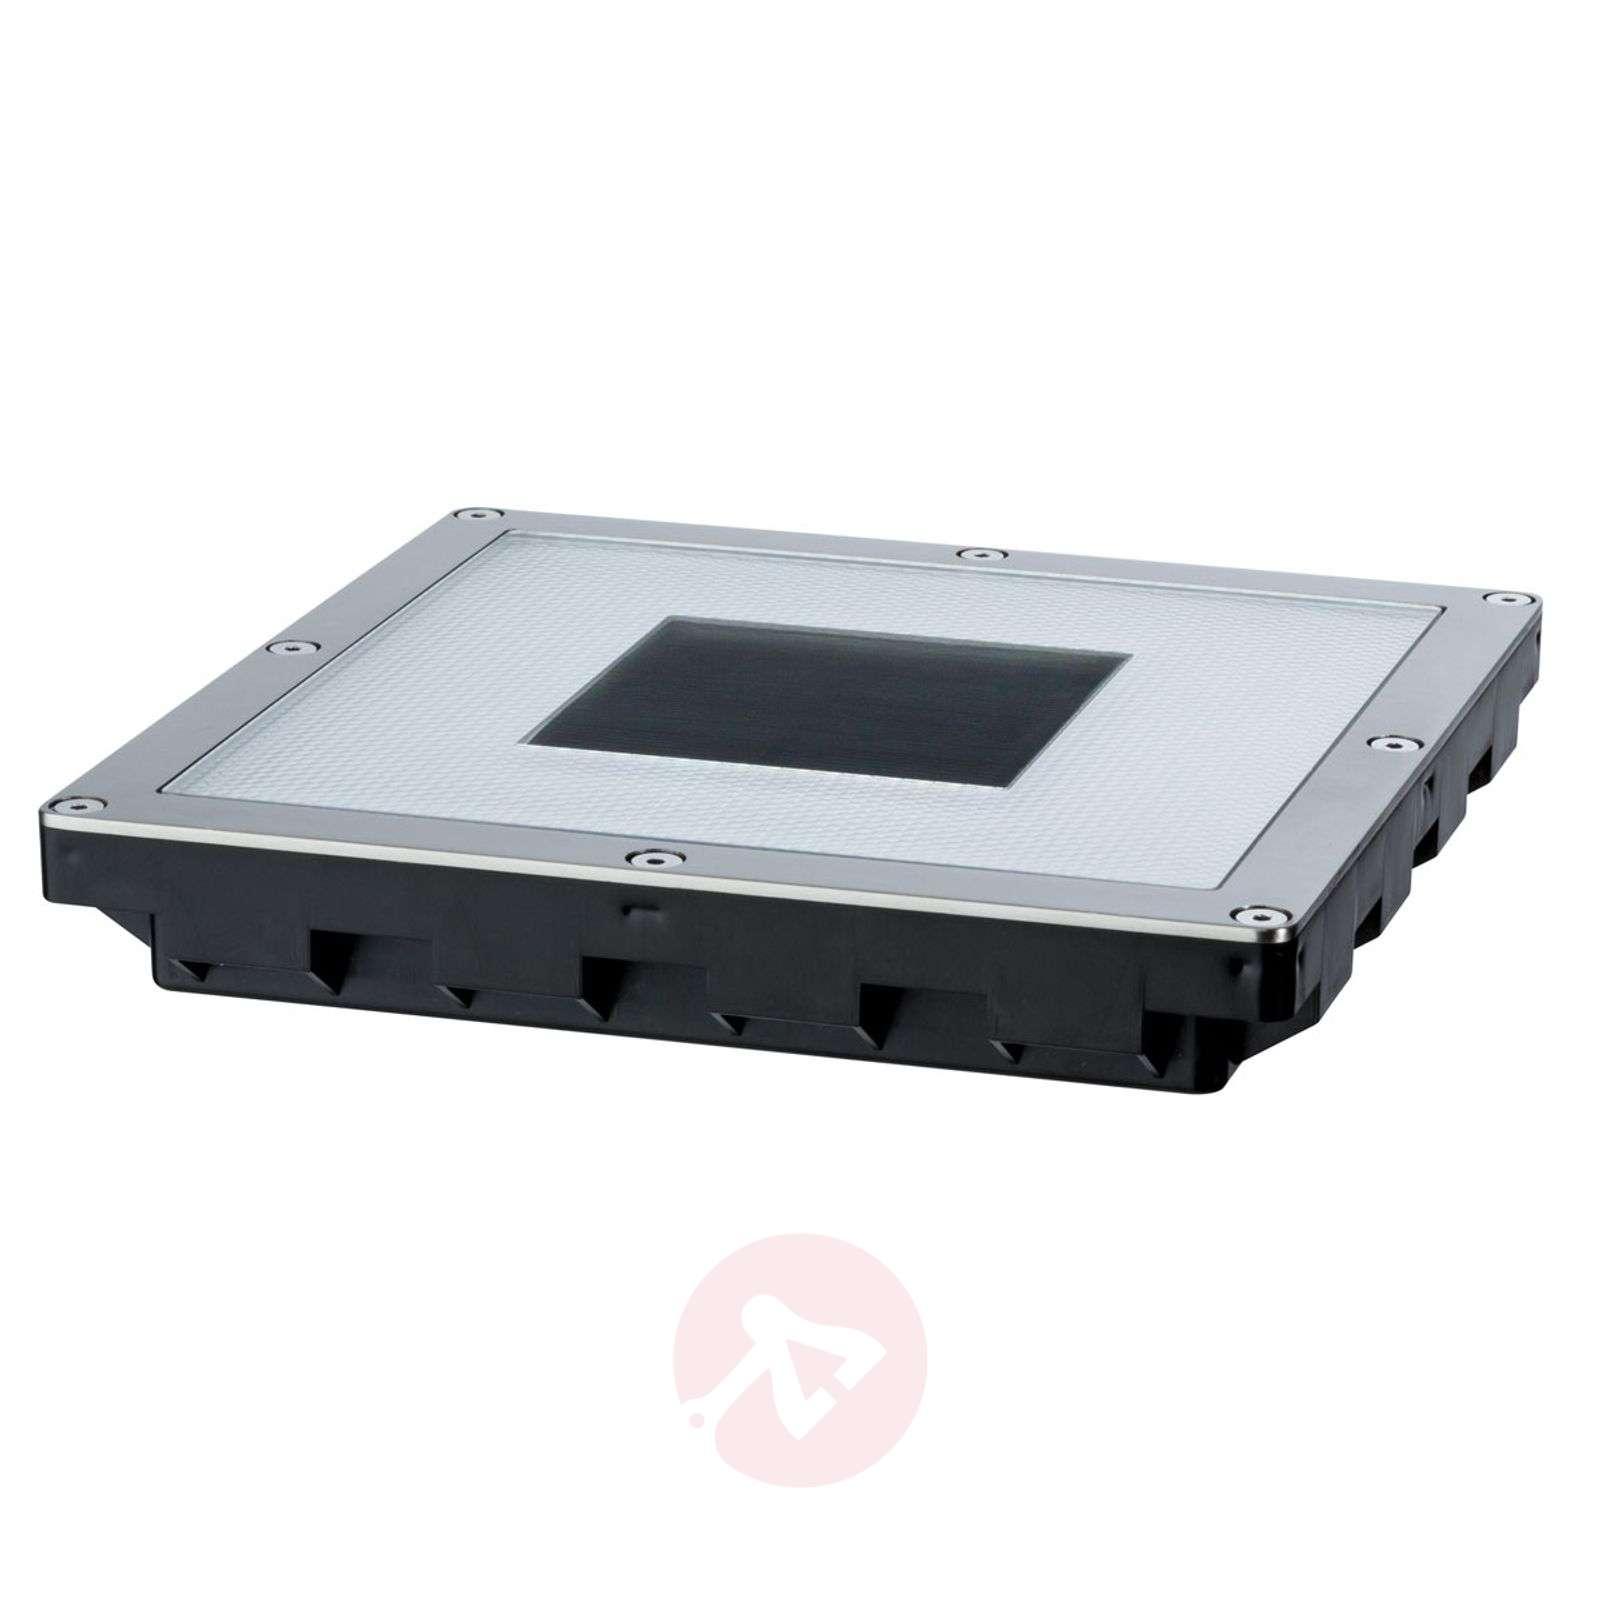 LED-maauppovalaisin Special Line Solar Box-7600840-01